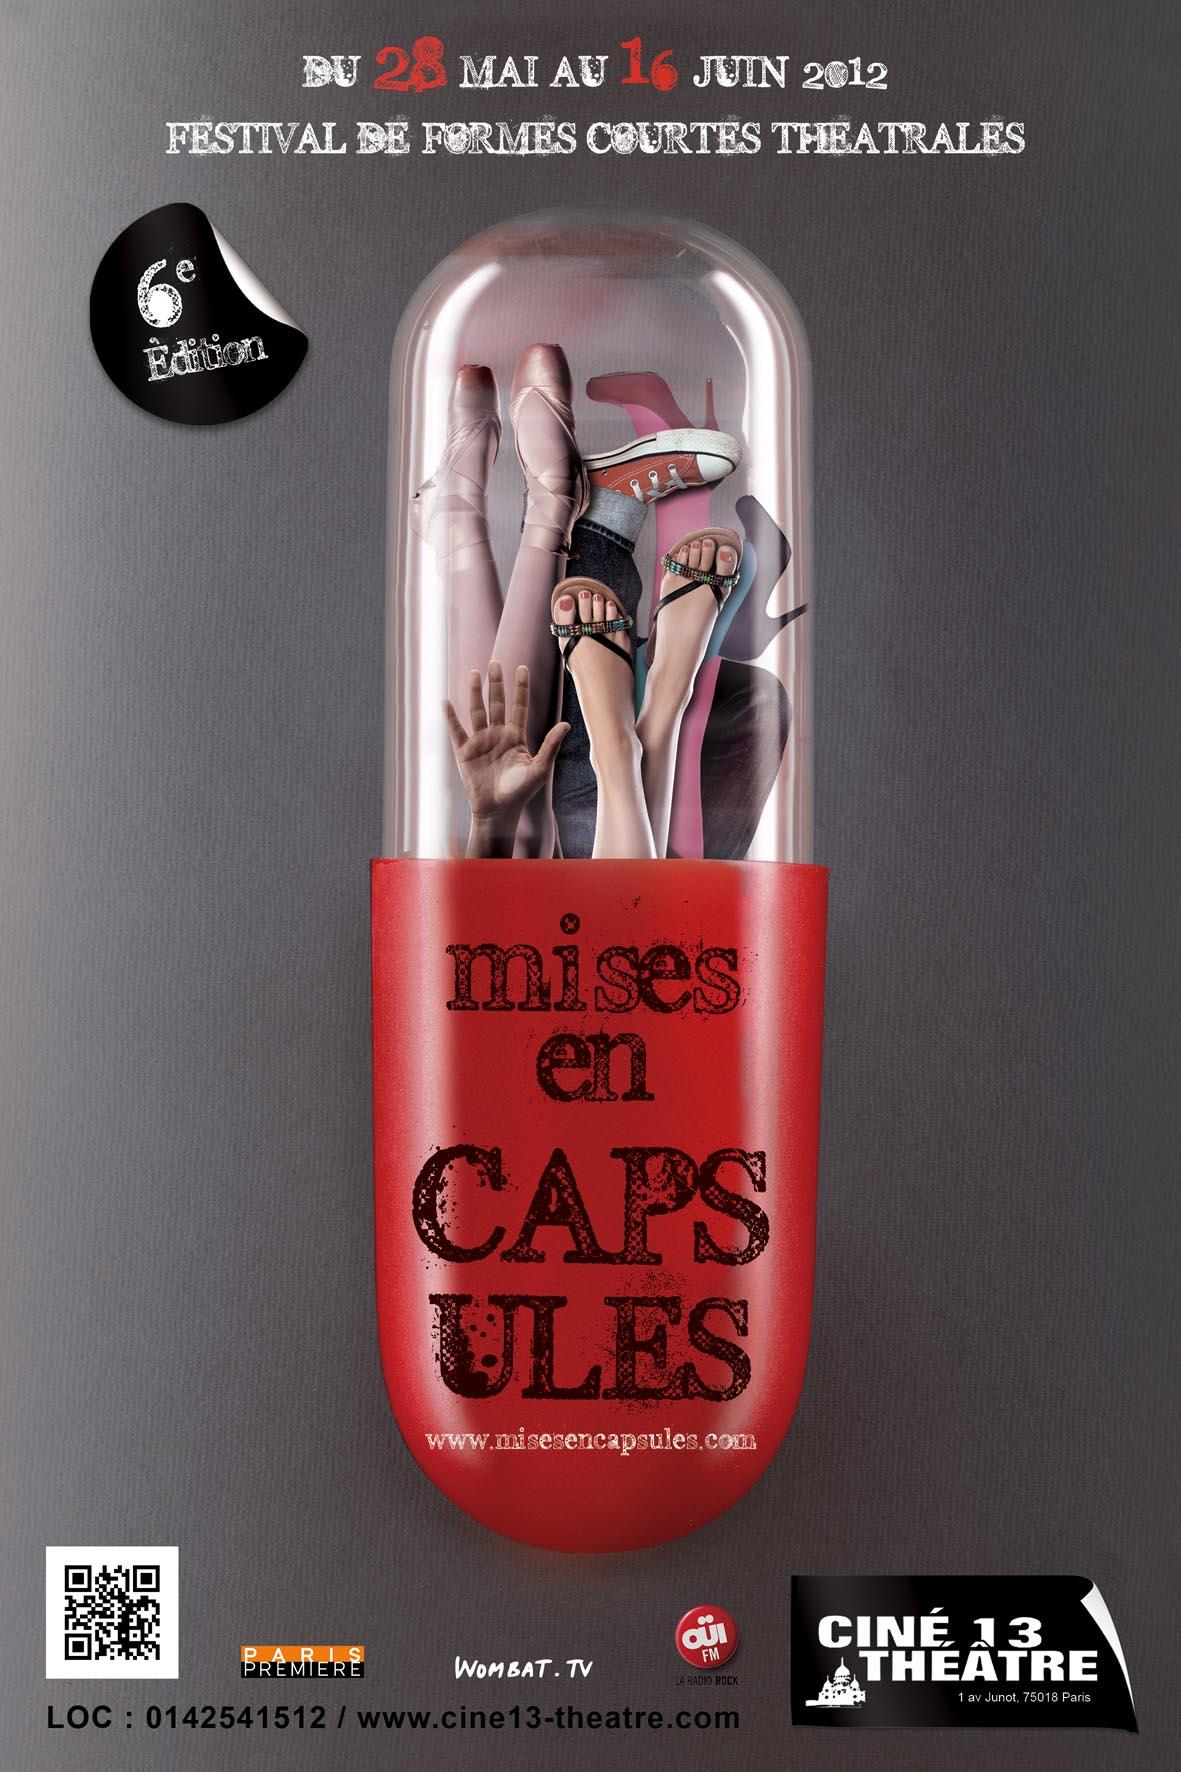 Critique • Festival des mises-en-capsules au théâtre Ciné 13